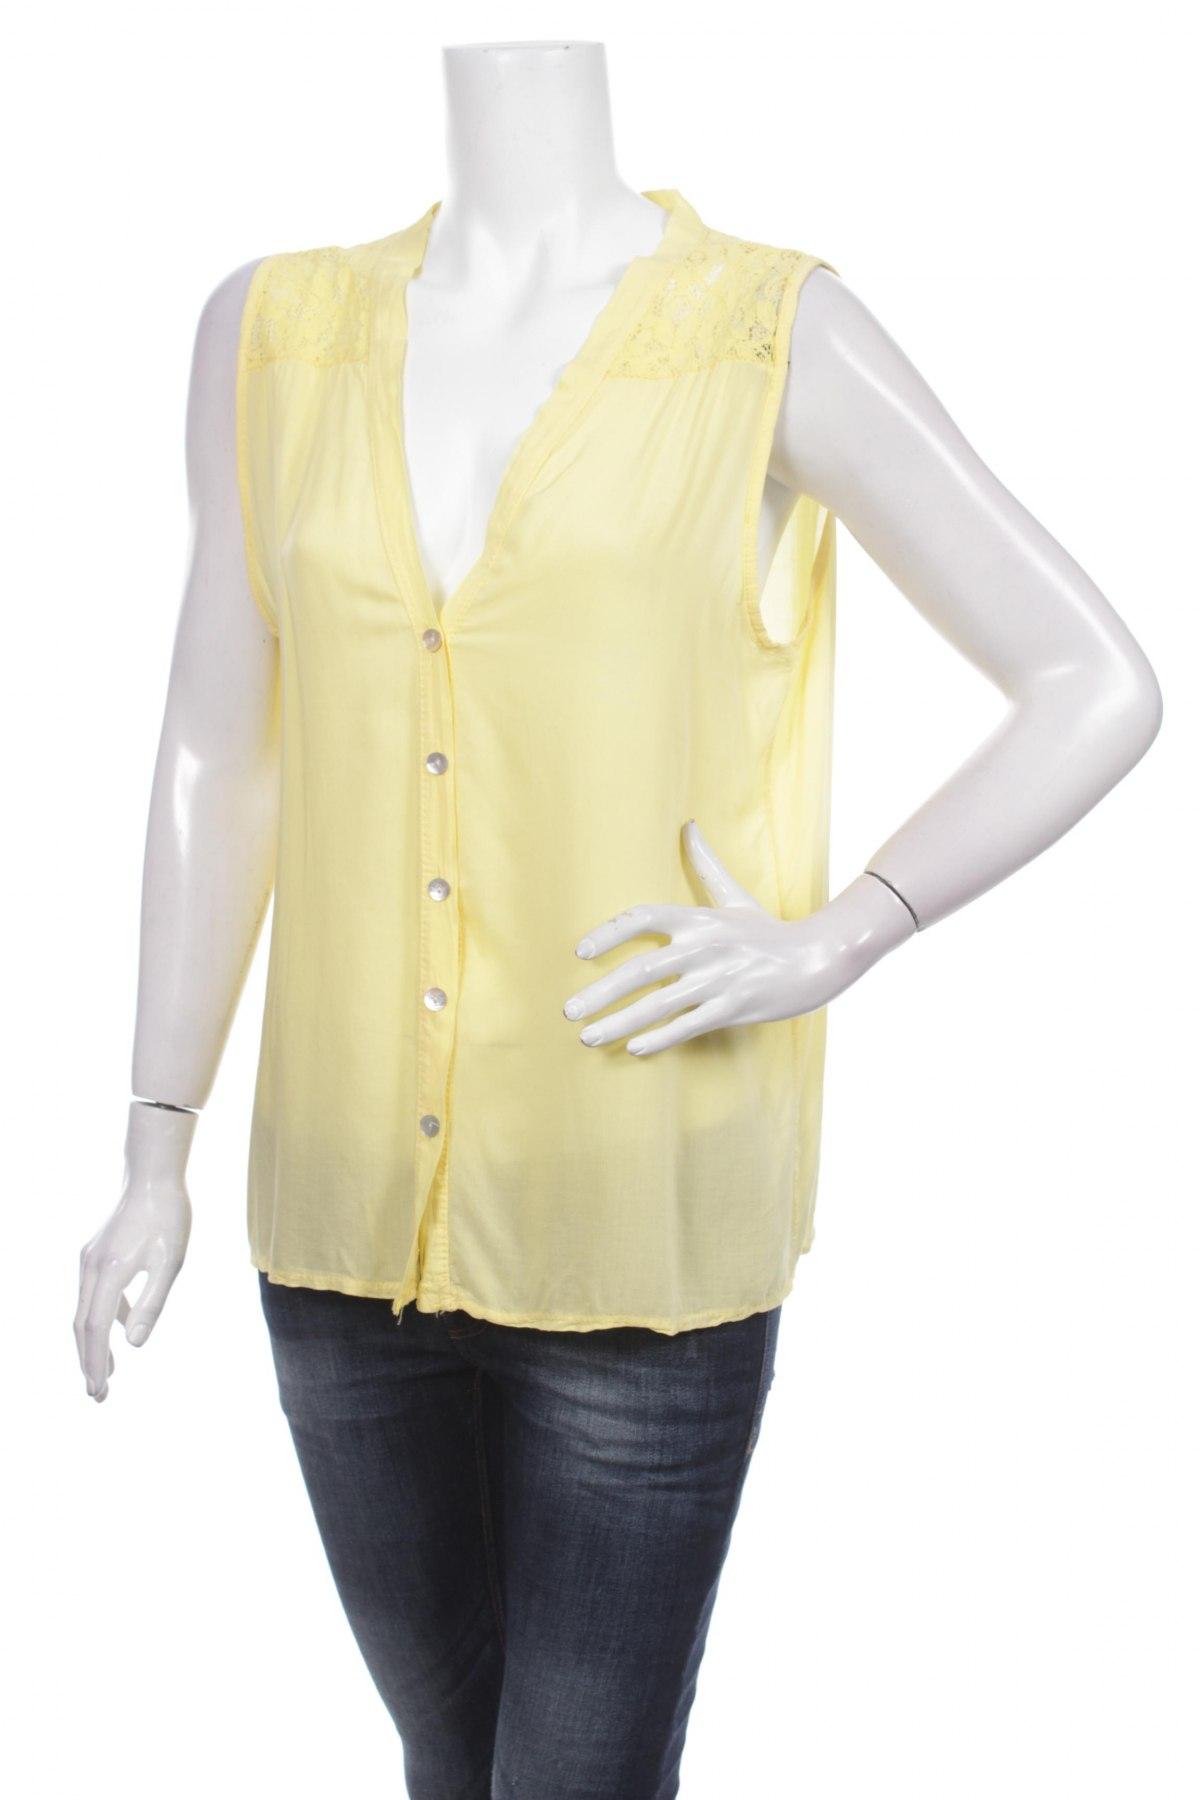 Γυναικείο πουκάμισο Today, Μέγεθος L, Χρώμα Κίτρινο, 100% βισκόζη, Τιμή 9,90€